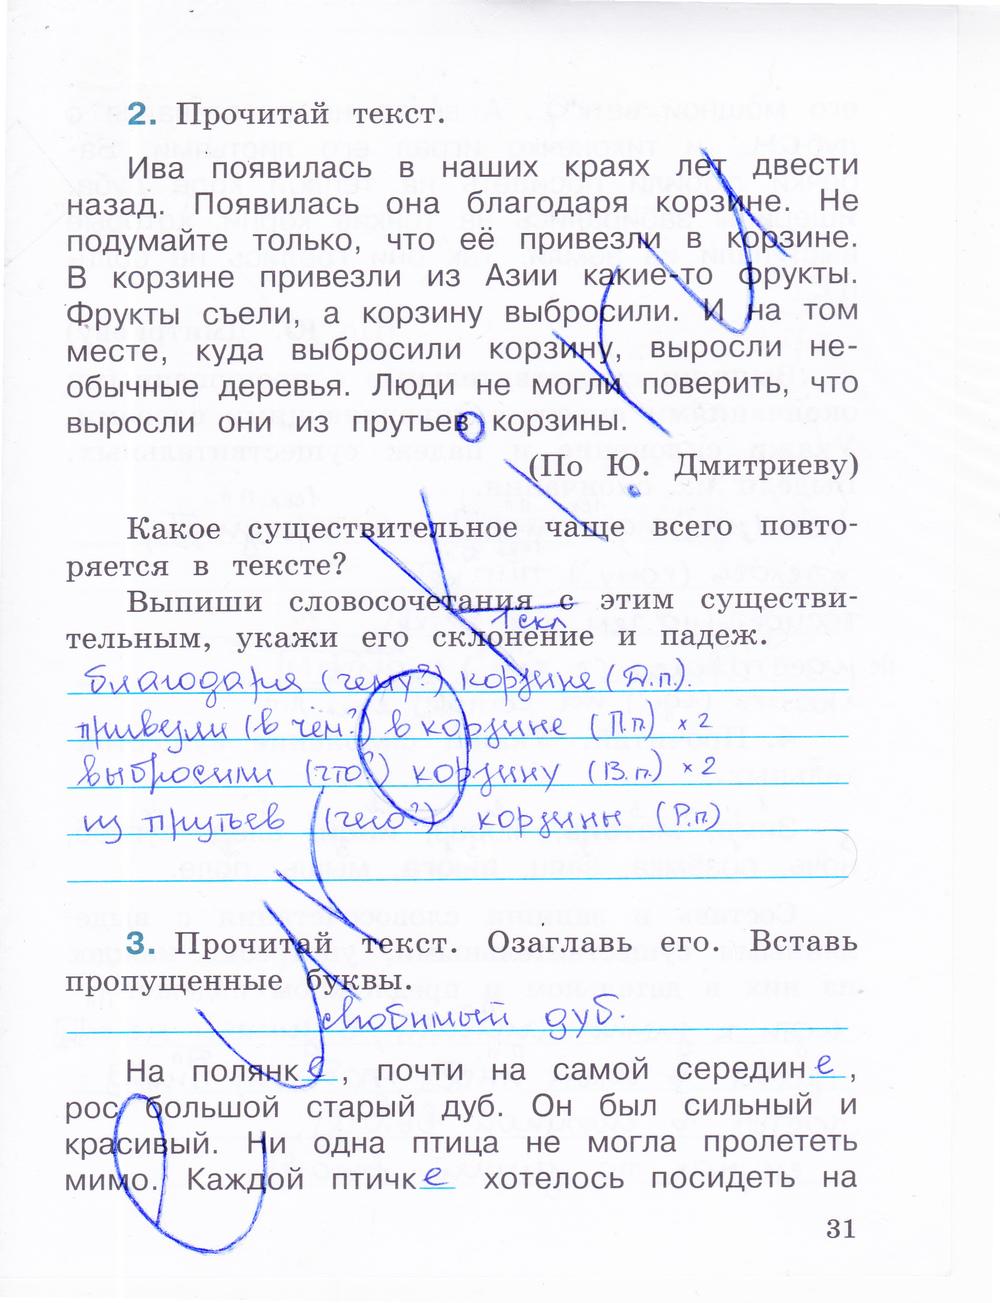 зеленина часть рабочая 2 тетрадь язык хохлова русский 2 класс гдз